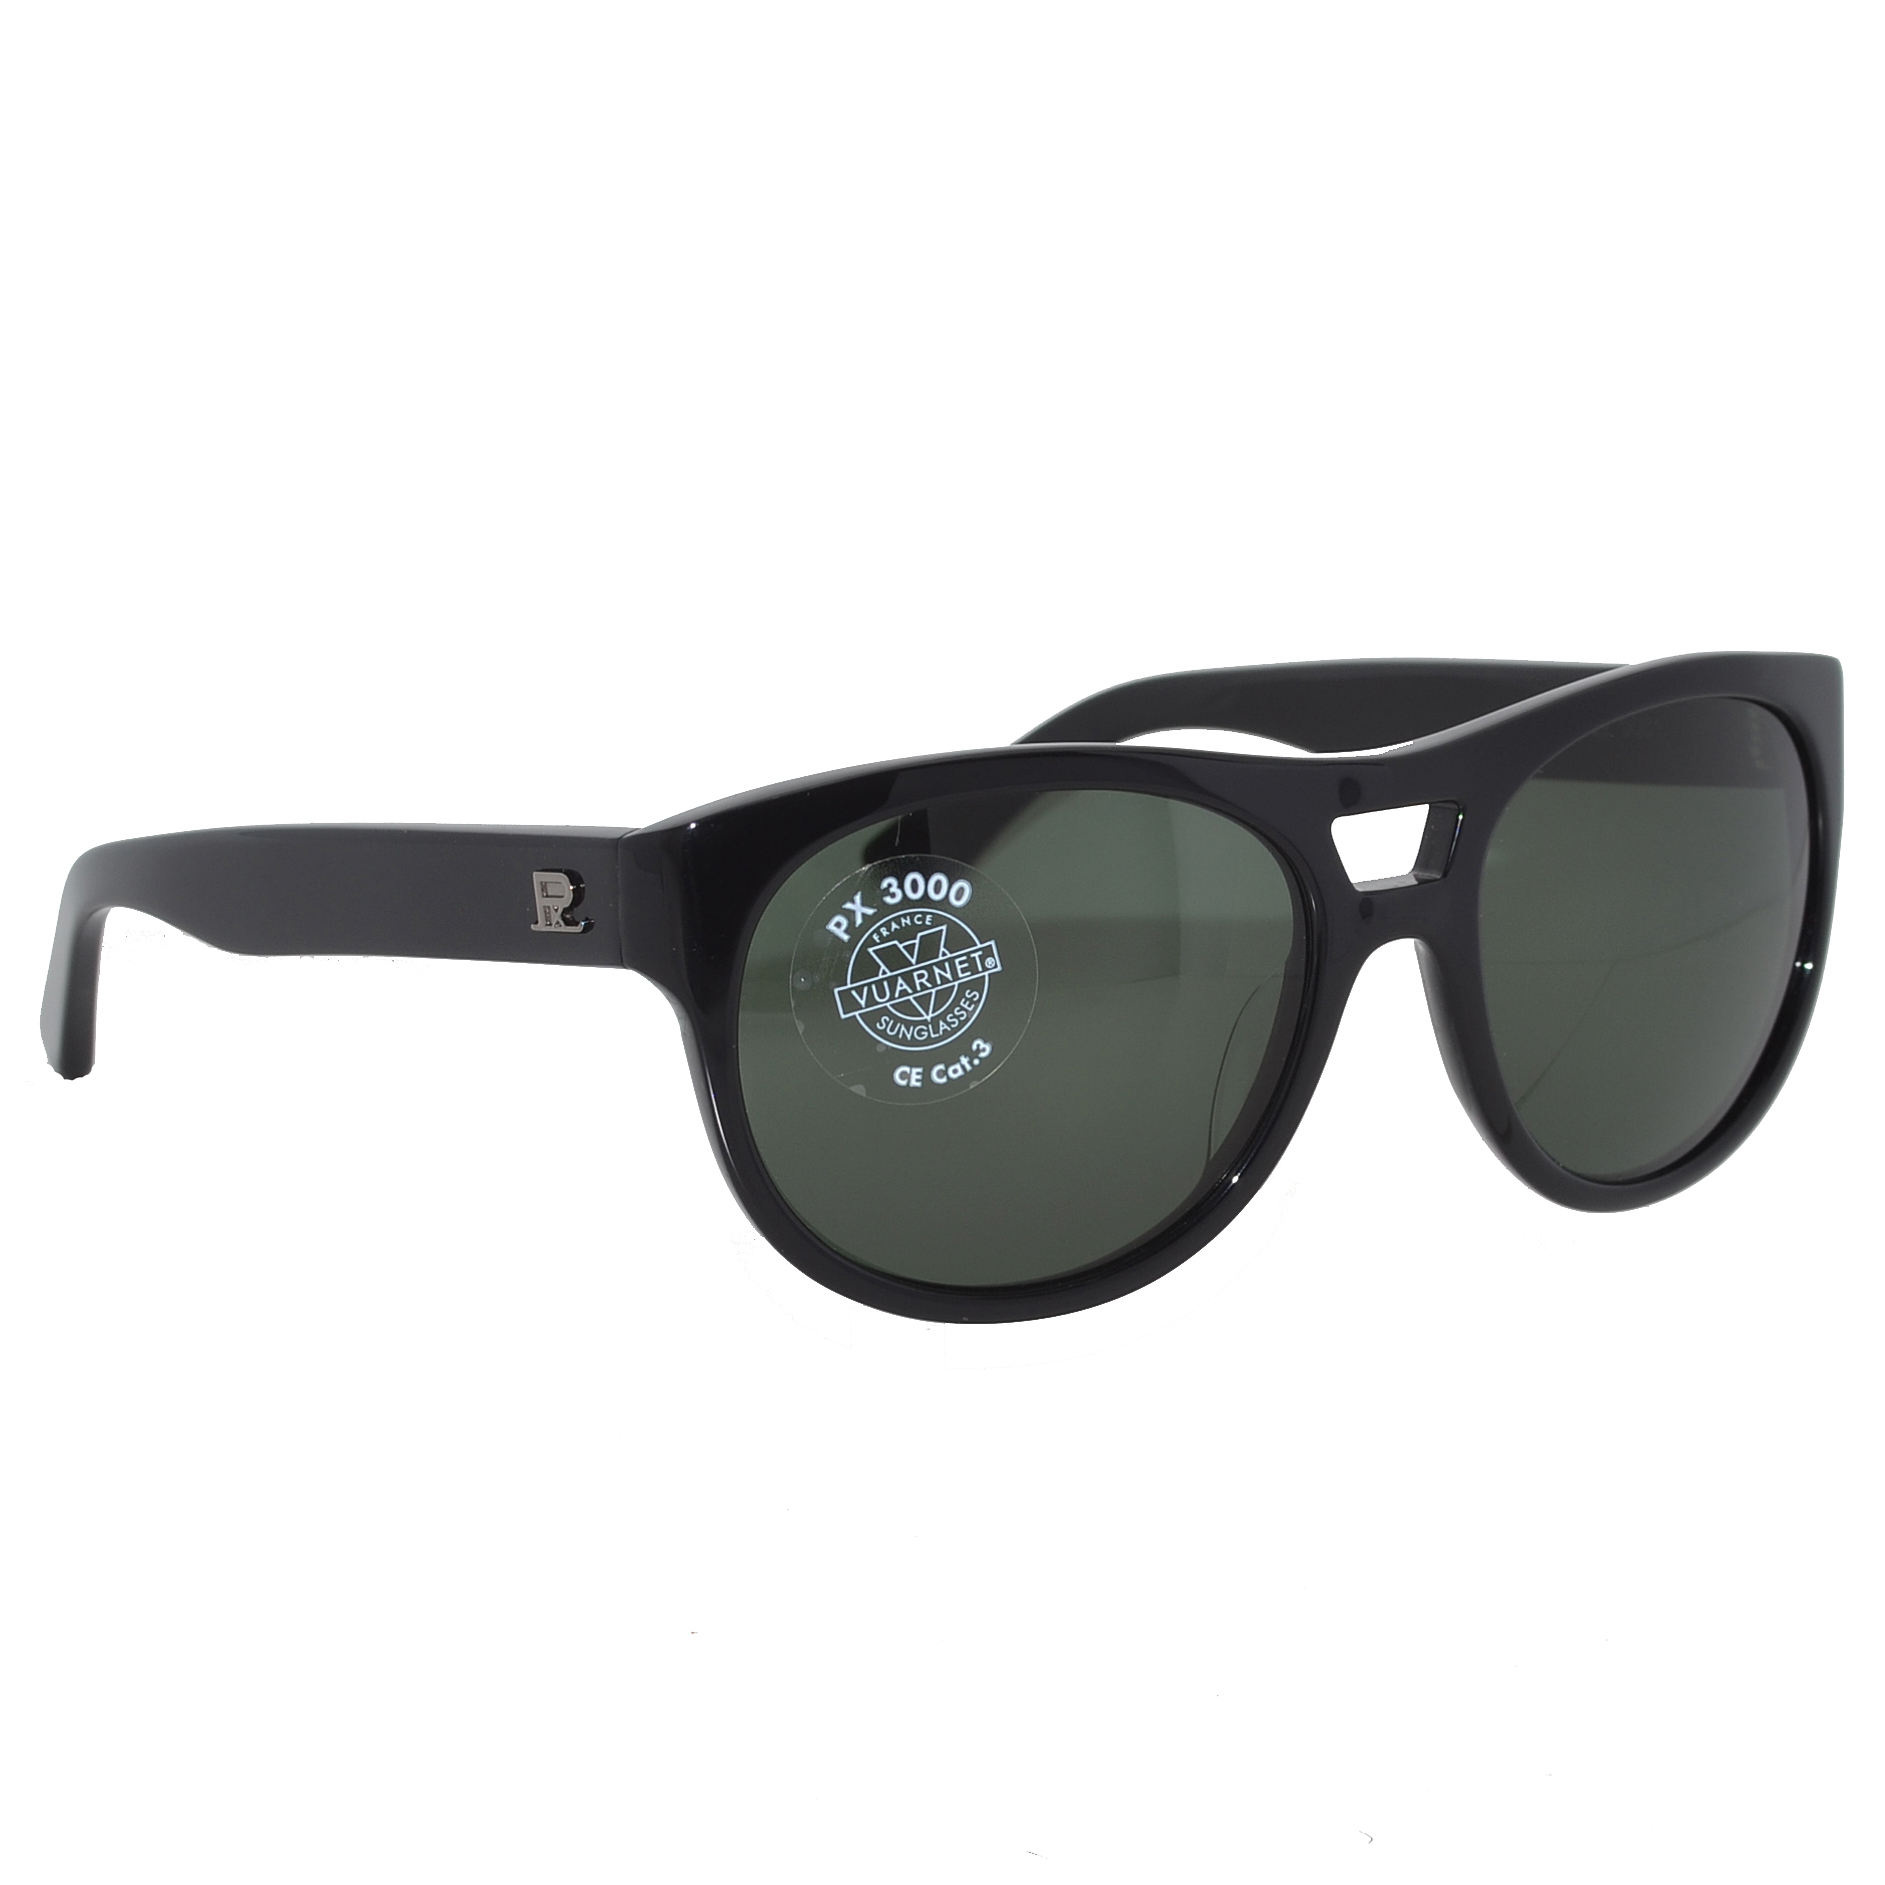 9c17f0a2e3 Vuarnet sunglasses from the sunglass liquidators a liquidation company. Vuarnet  Px 3000 ...